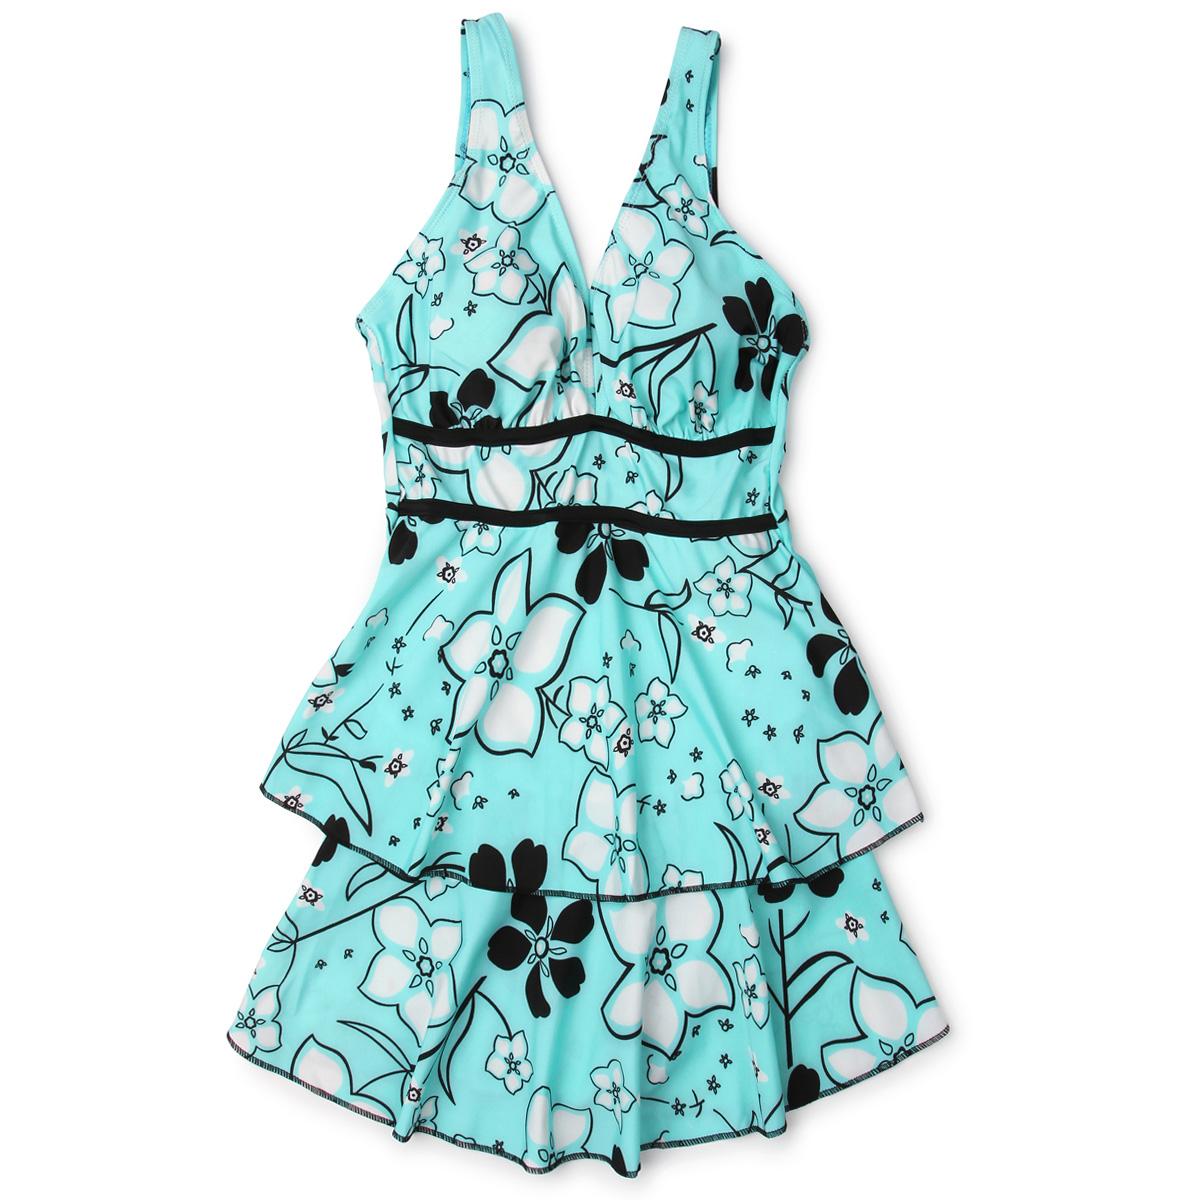 Цвет: Синие цветы ] -1 / одежды